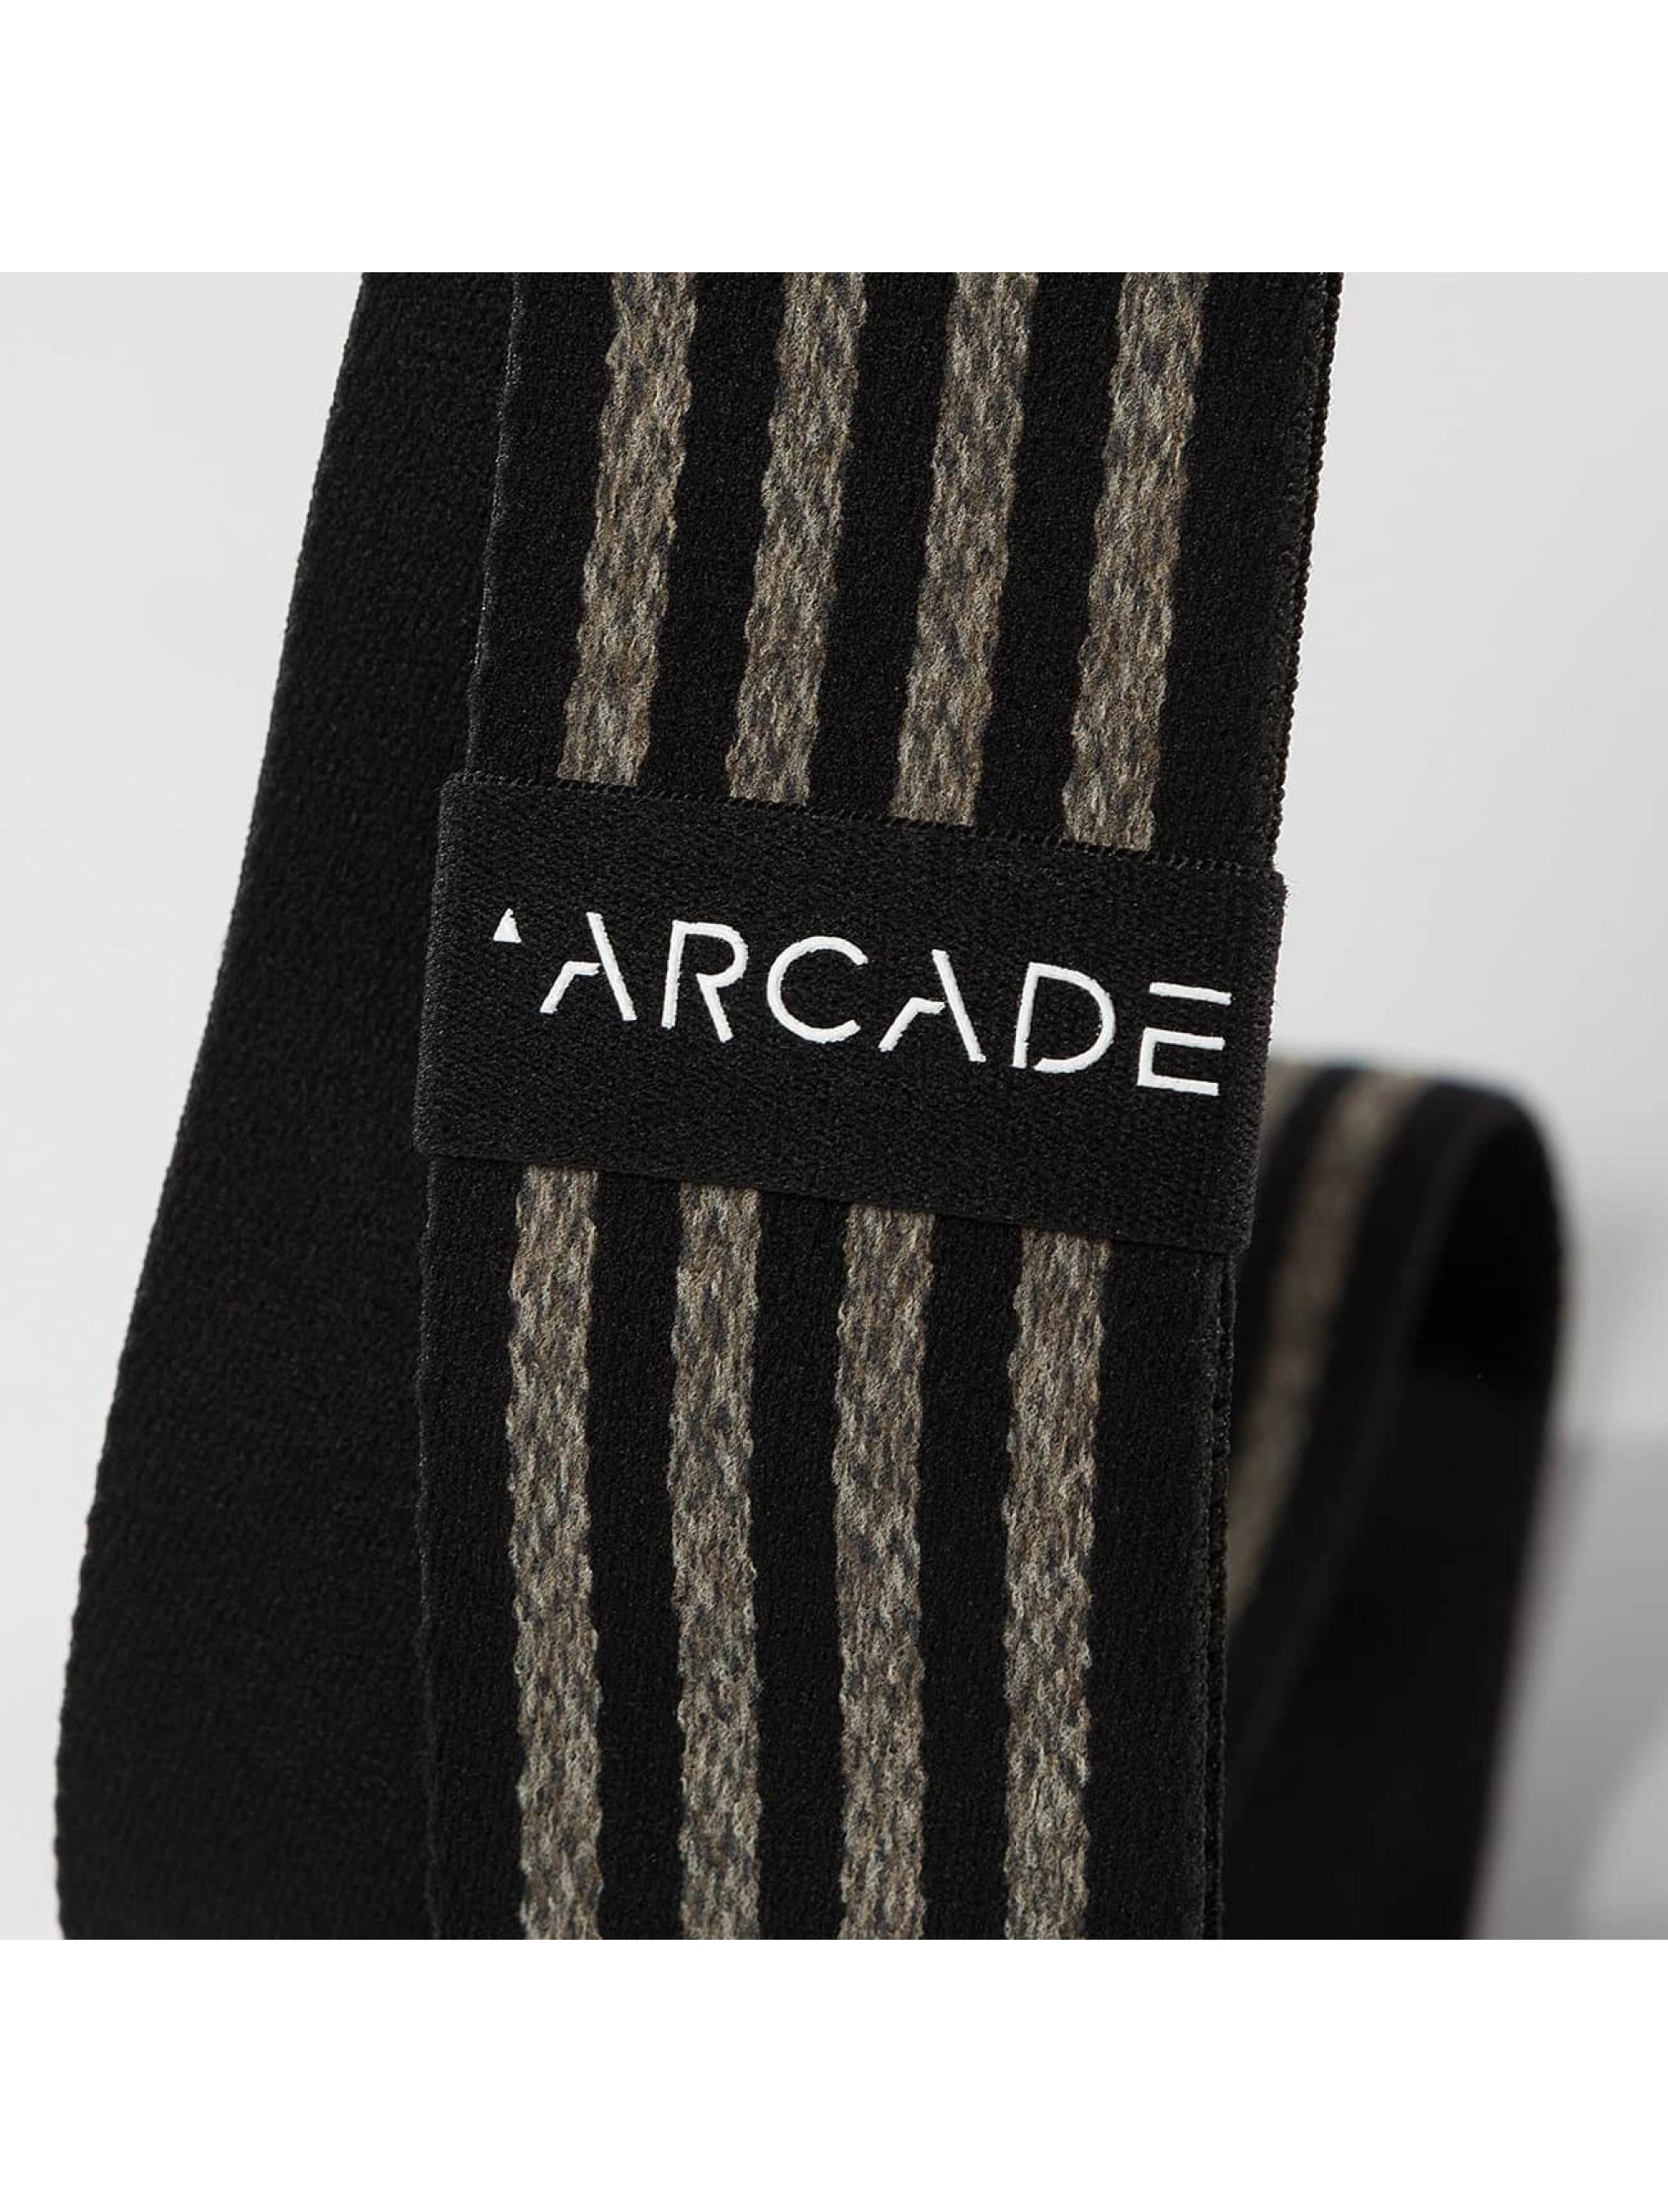 ARCADE Gürtel Tech Collection Don Carlos schwarz